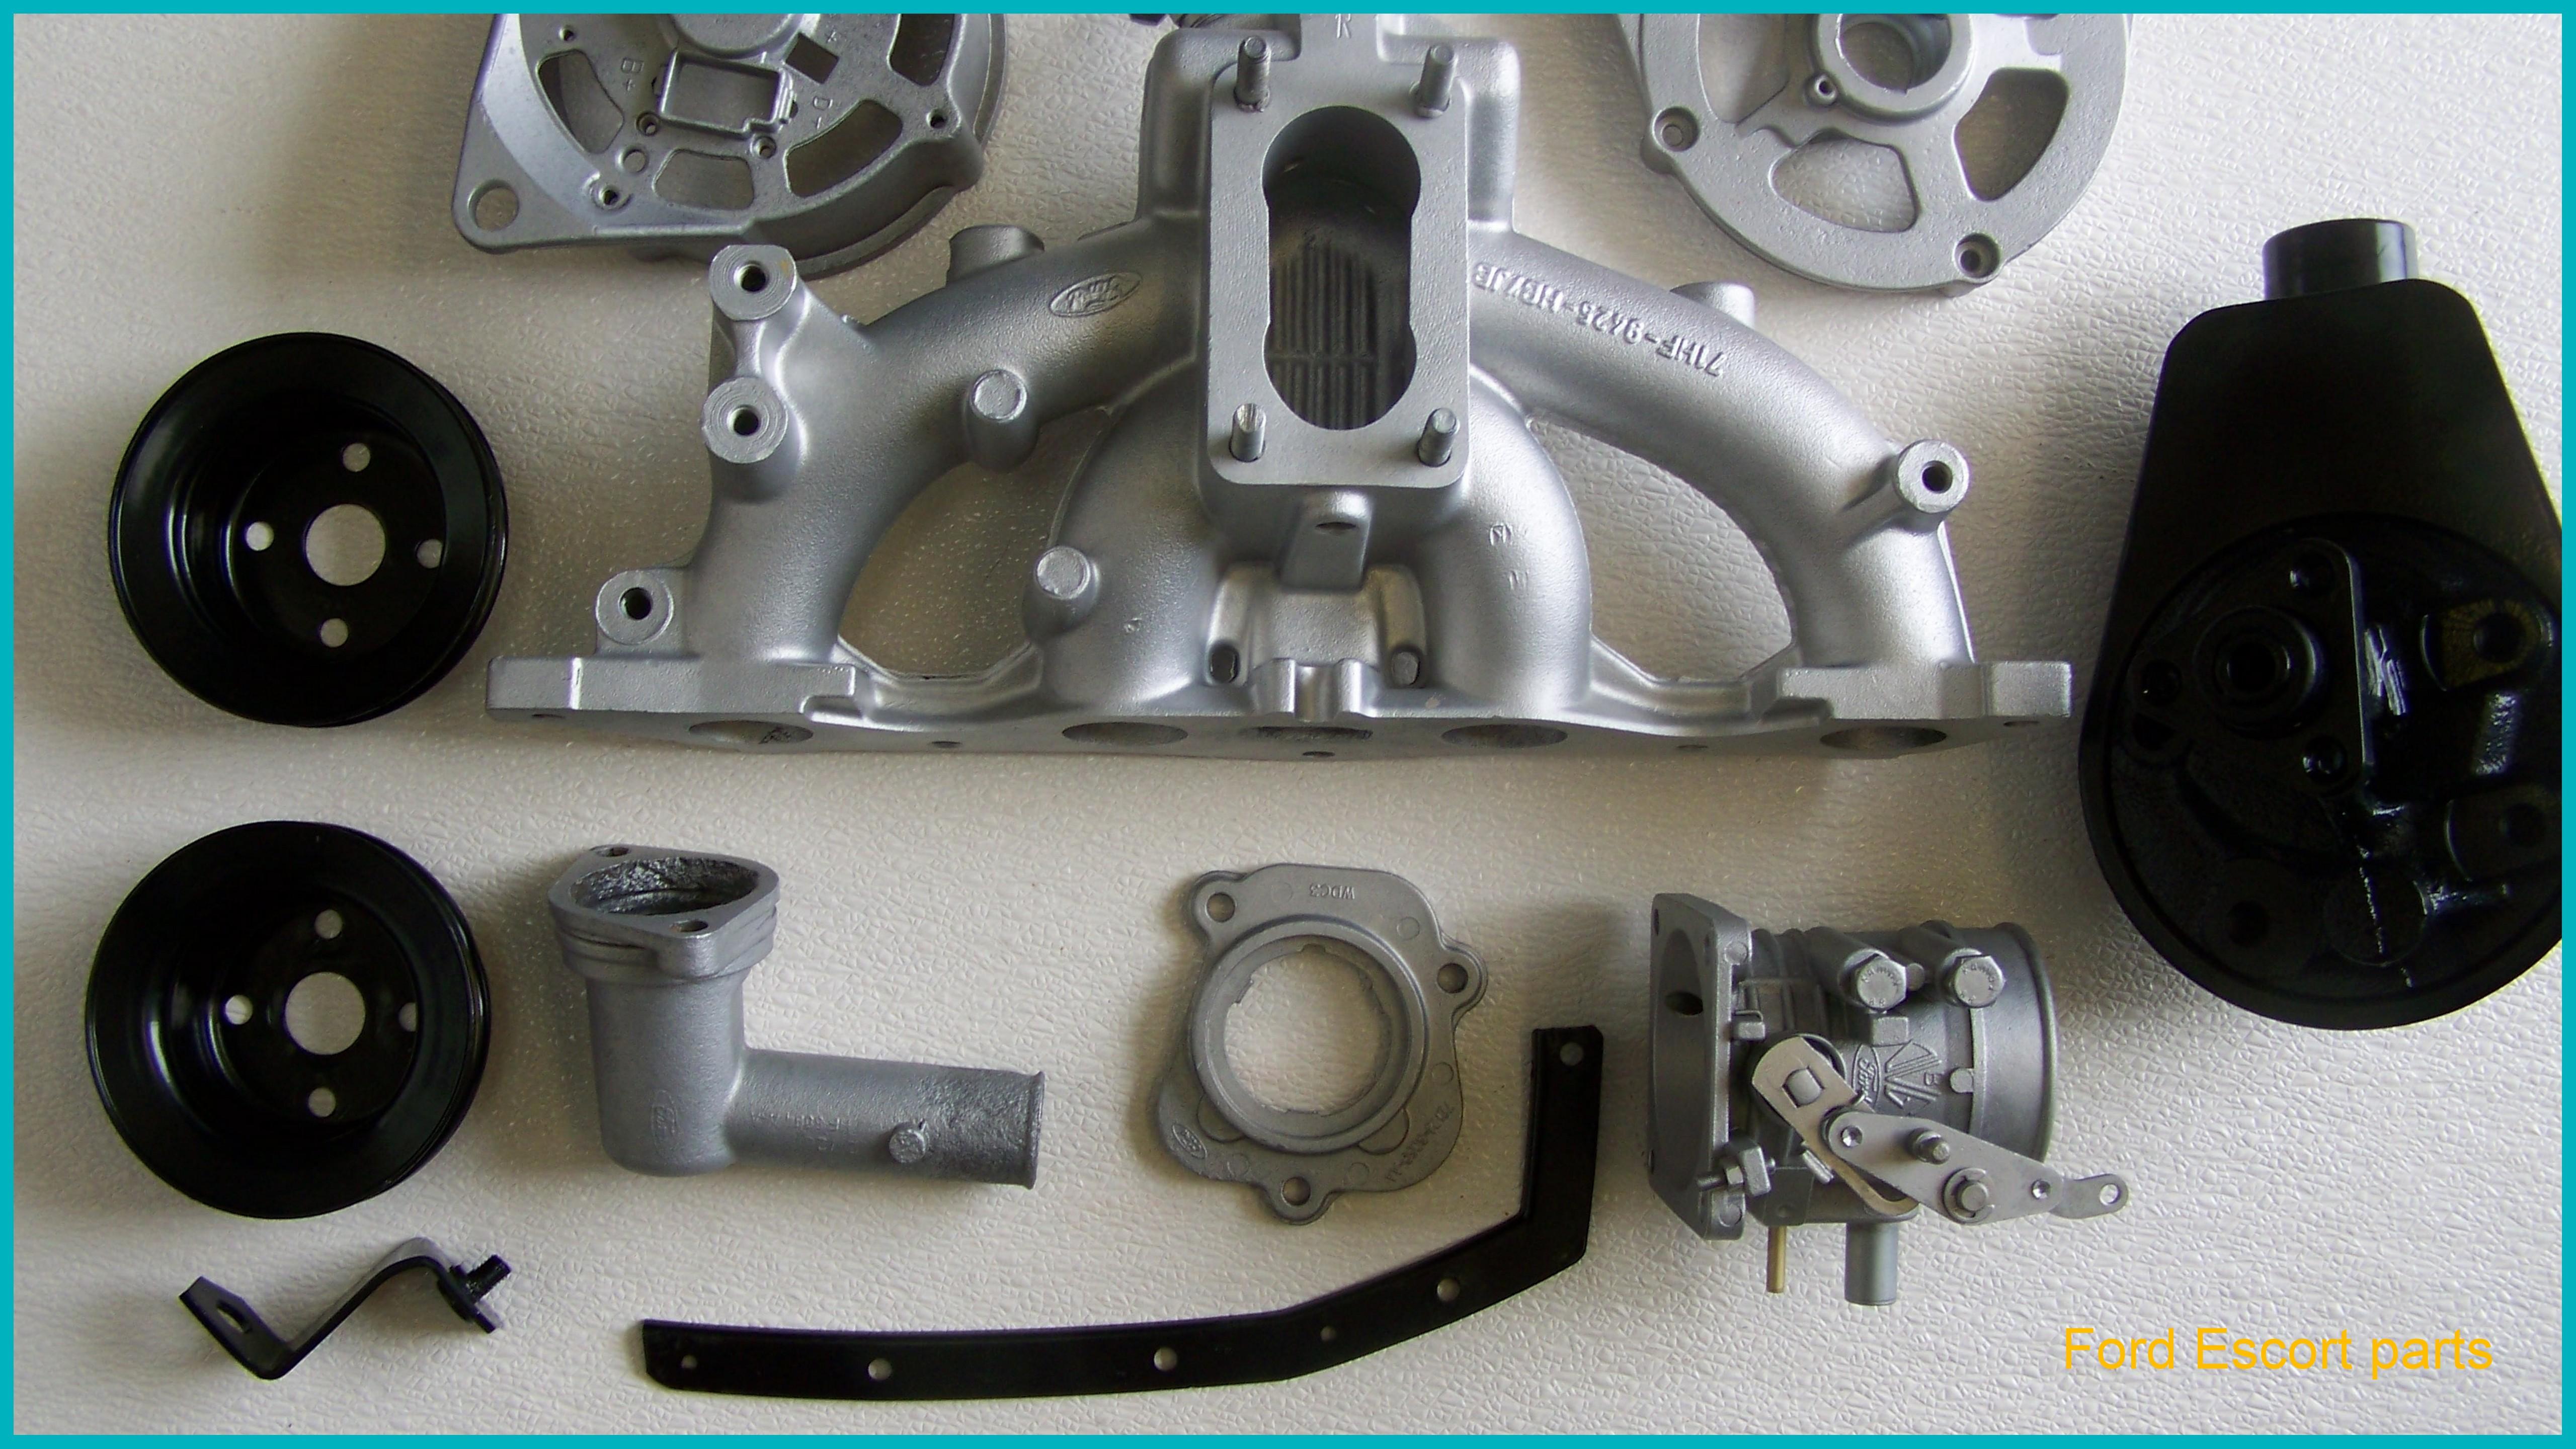 Ford Escort parts